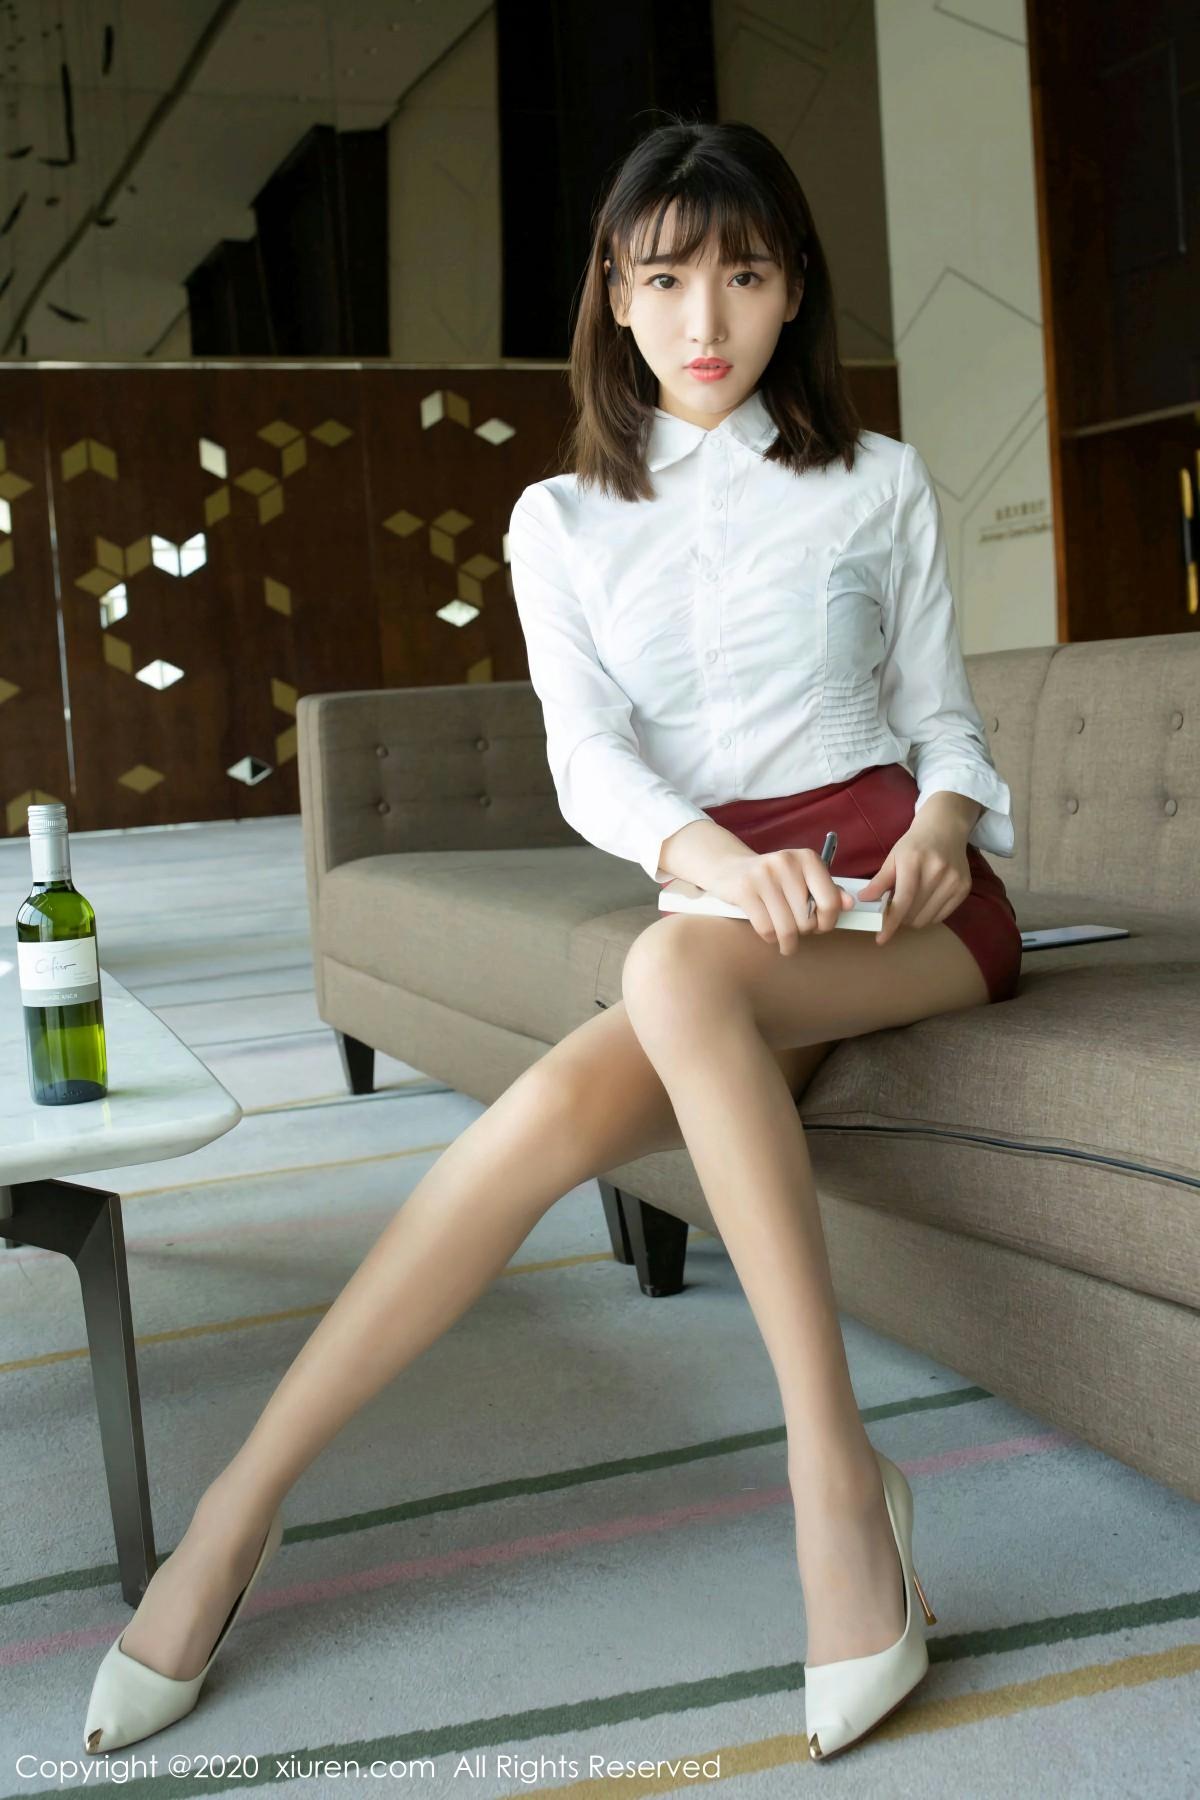 [XiuRen秀人网] 2020.07.31 No.2393 陆萱萱 第2张